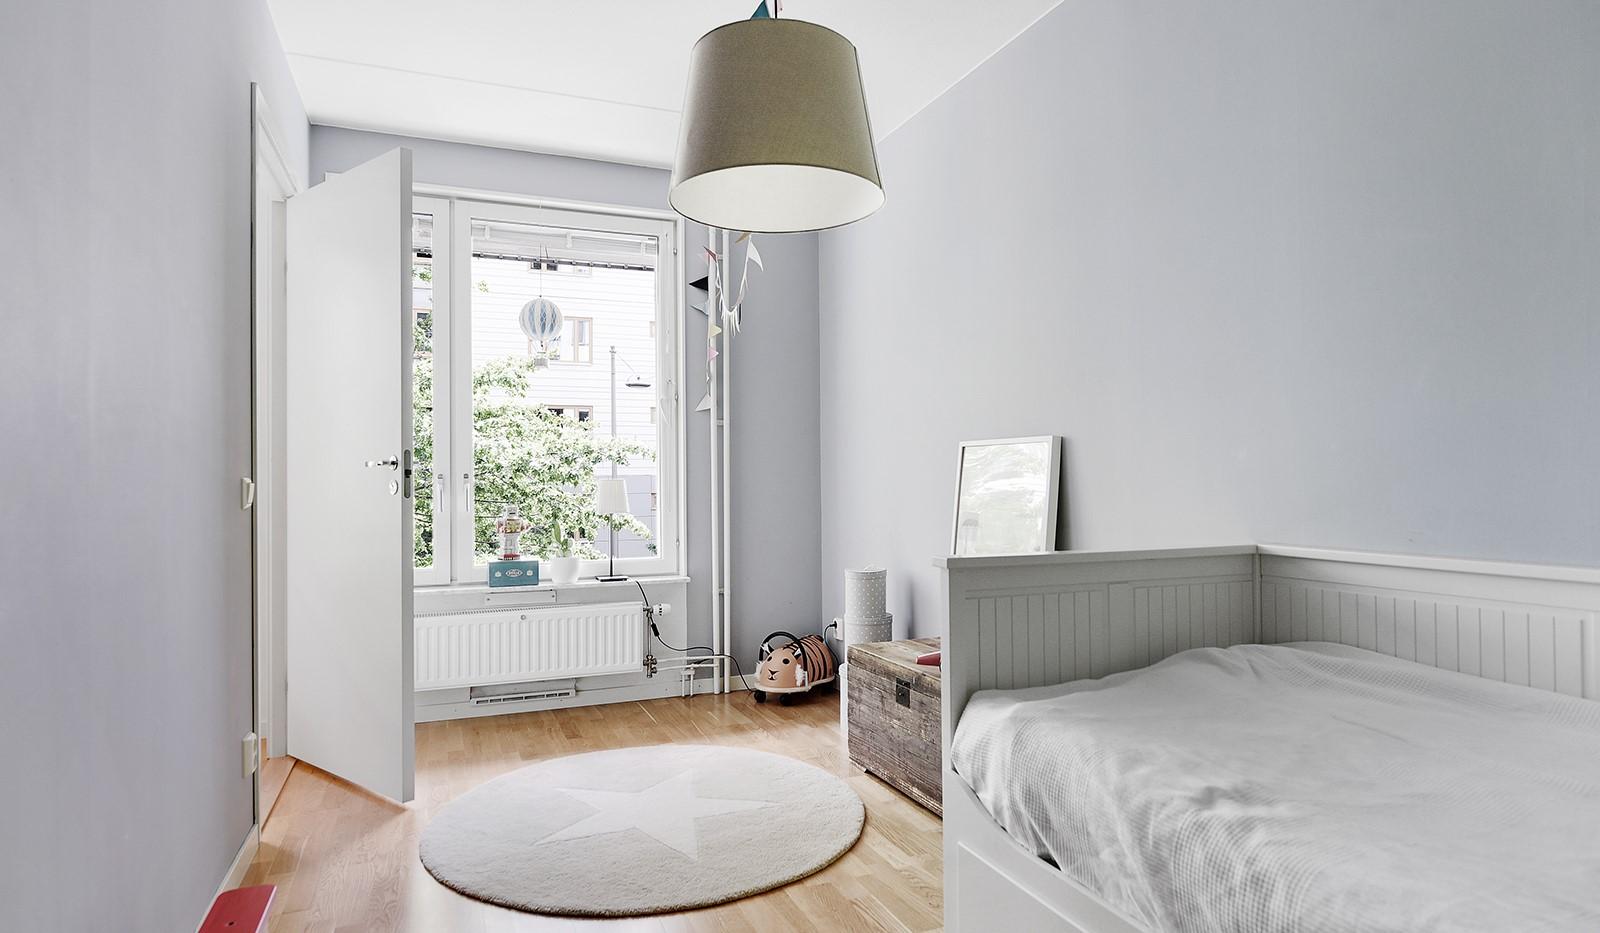 Sjöviksvägen 45, 2tr - Fint sovrum med tillhörande klädkammare